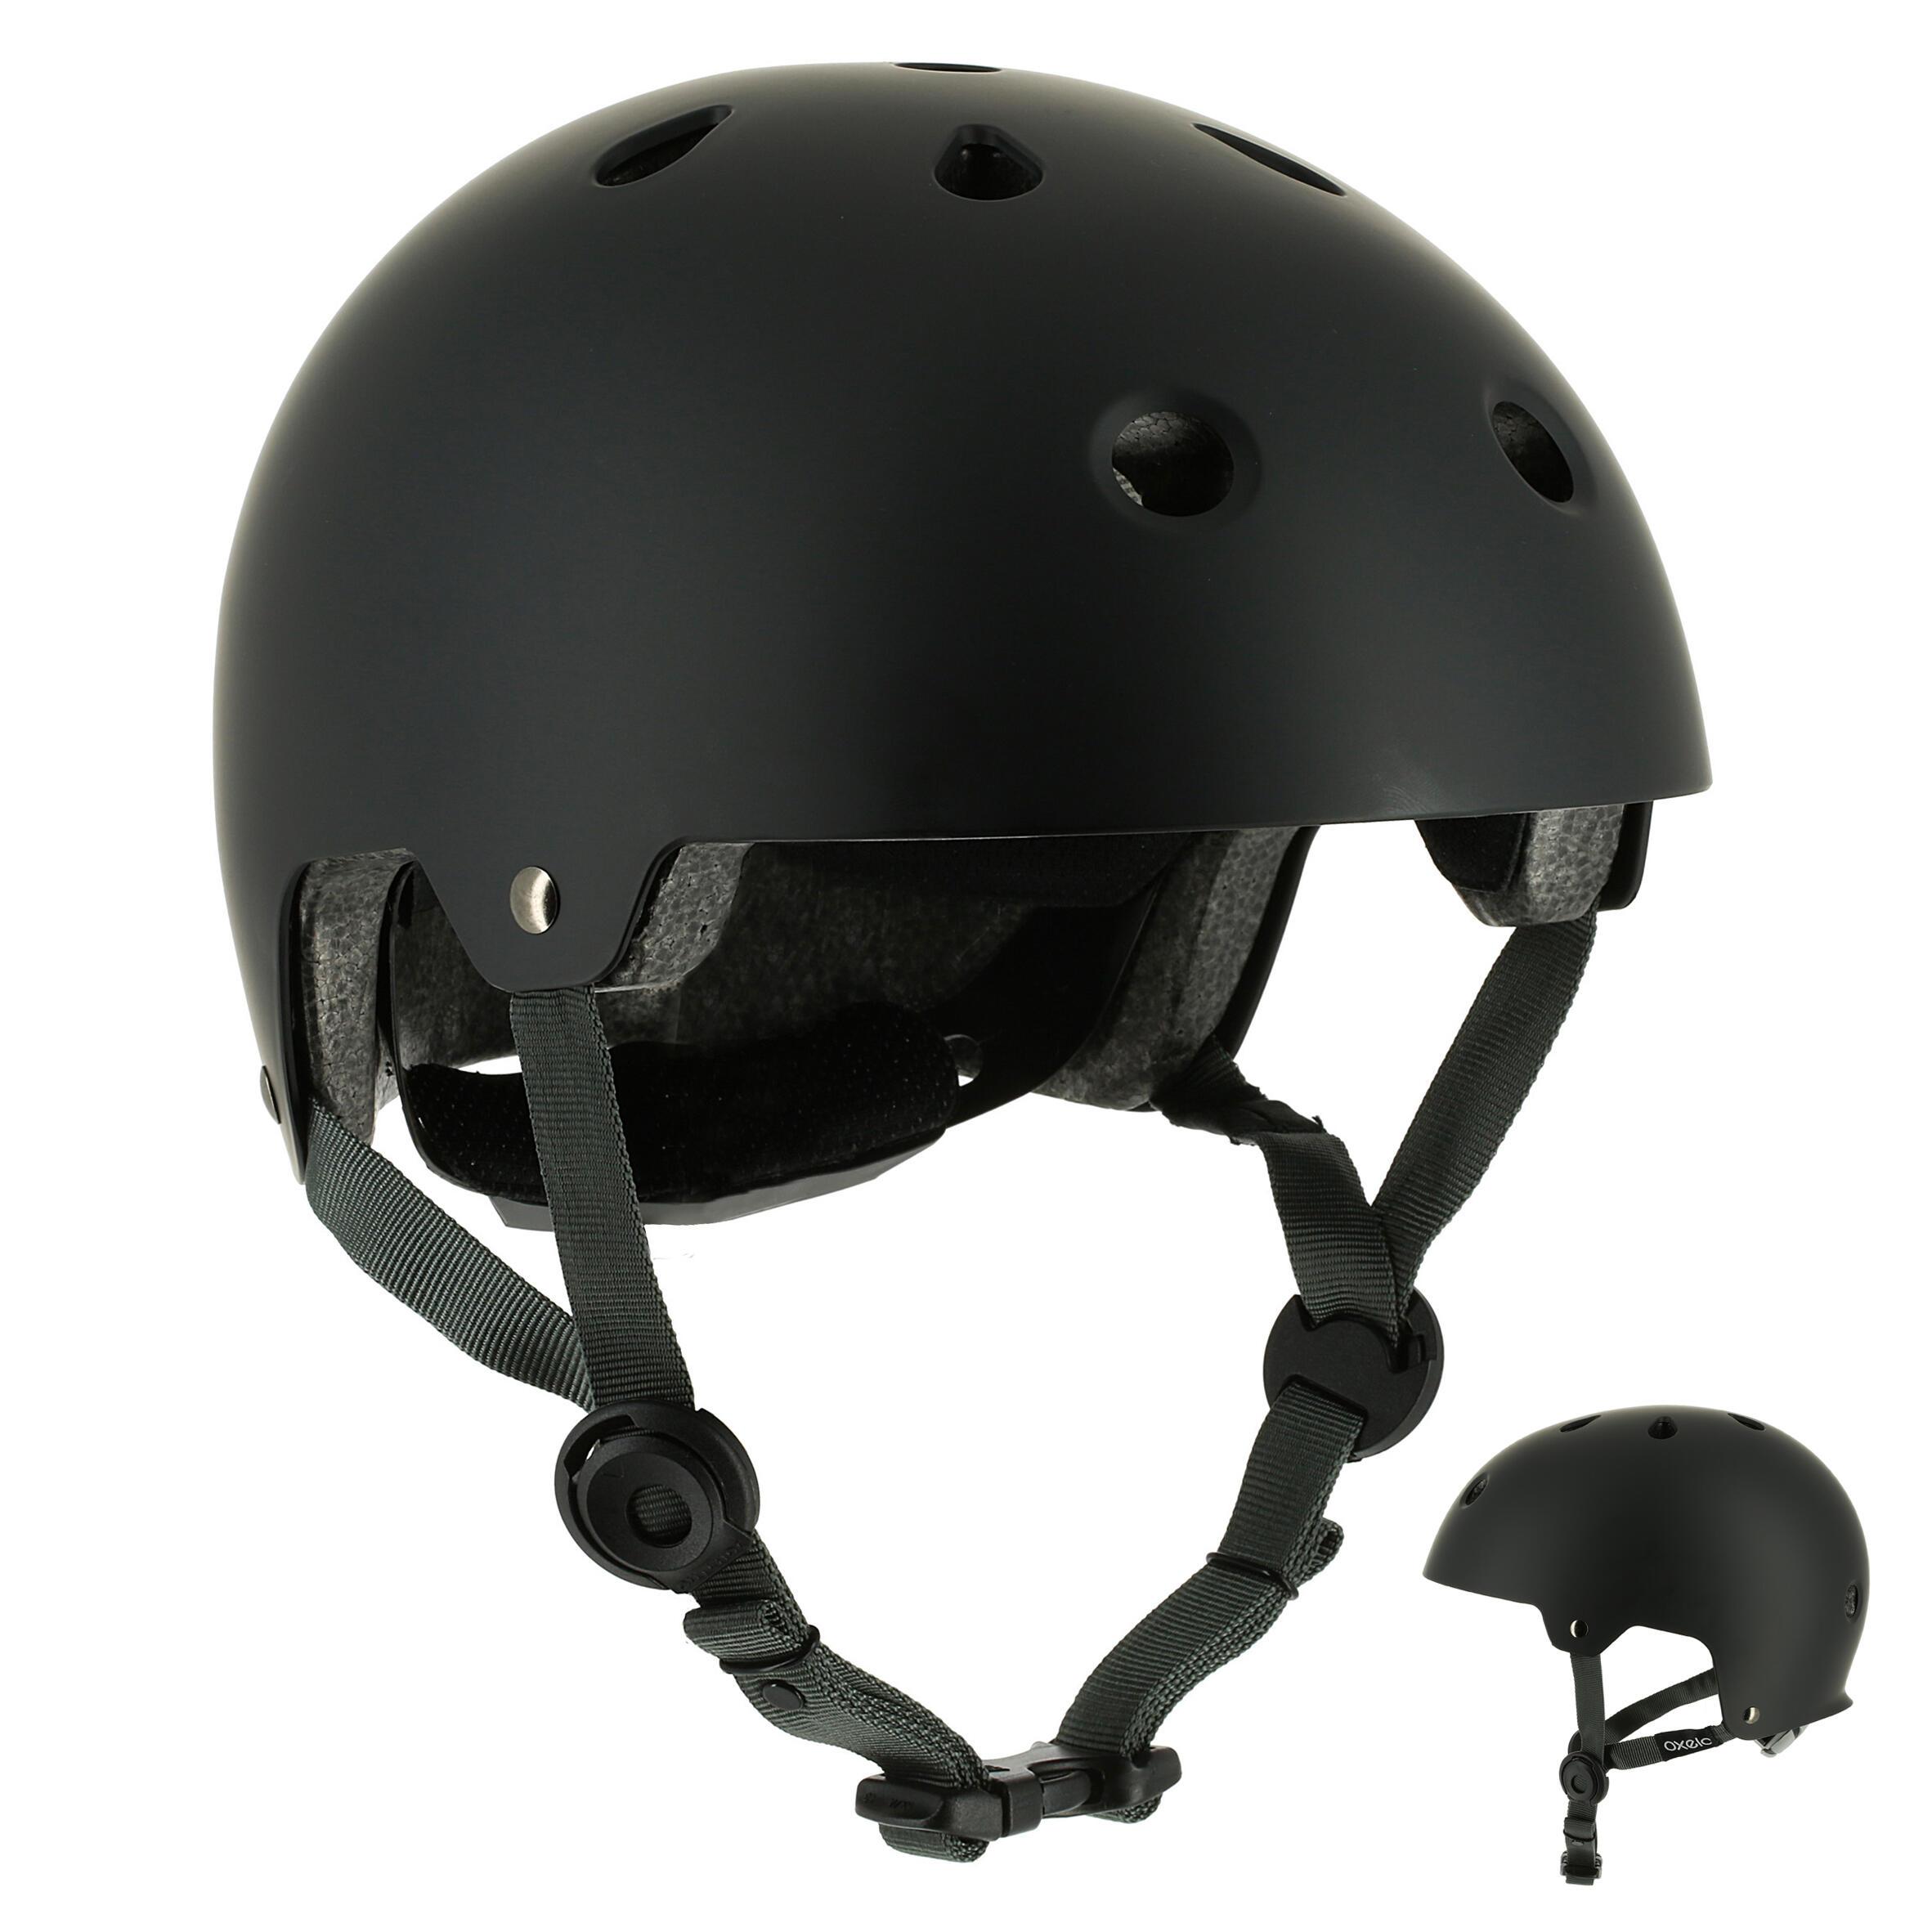 Oxelo Helm Play 5 voor skeeleren skateboarden steppen fietsen